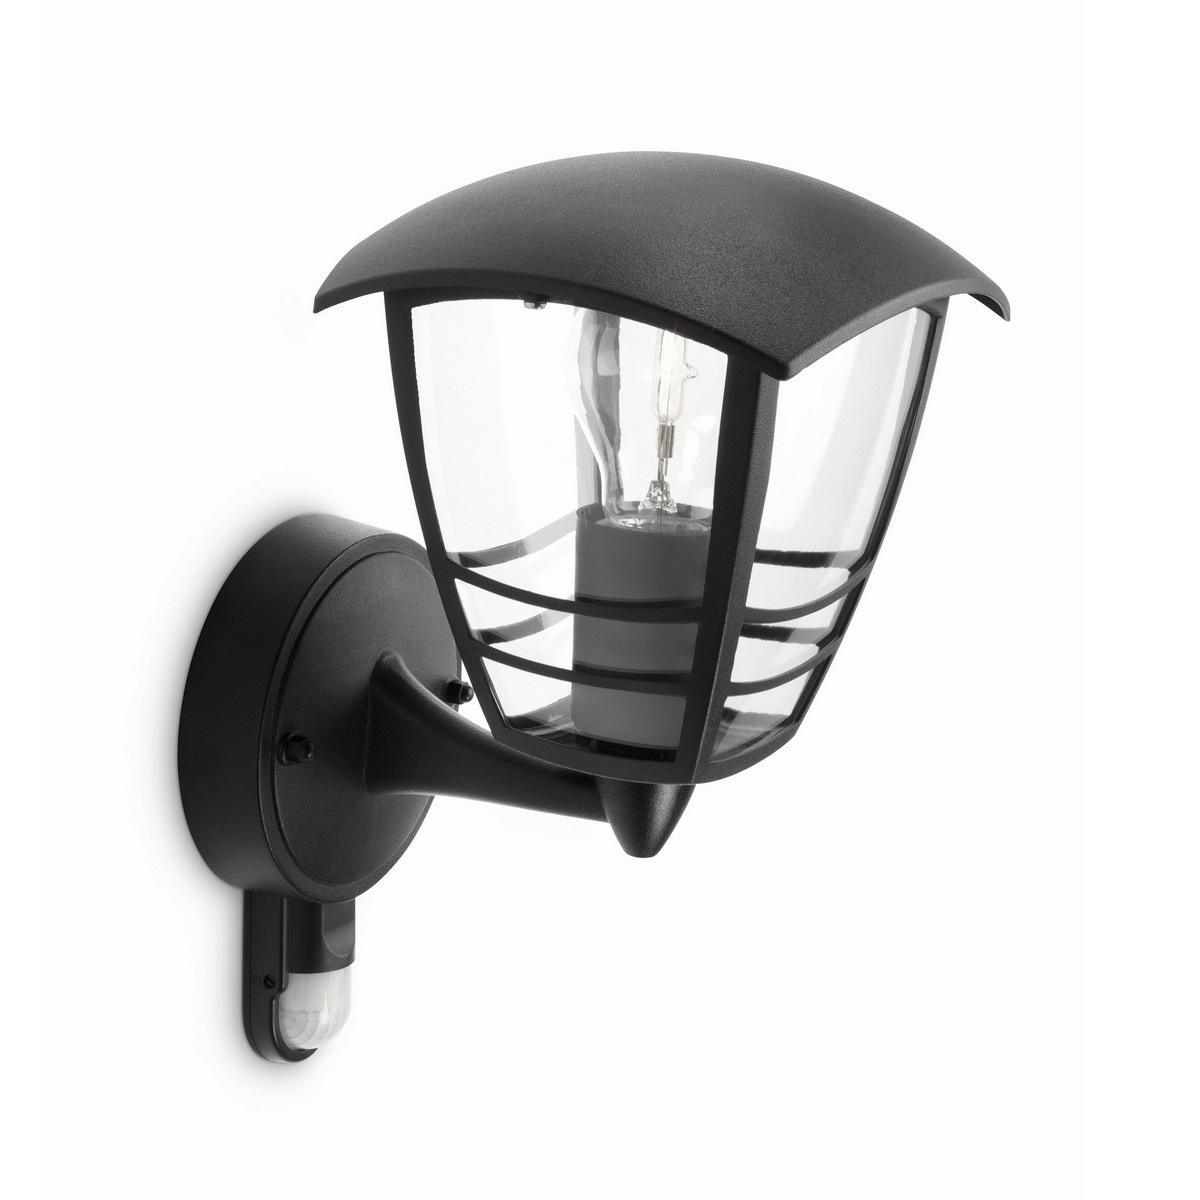 Philips 15388/30/16 Creek Venkovní nástěnné svítidlo s čidlem 28,5 cm, černá